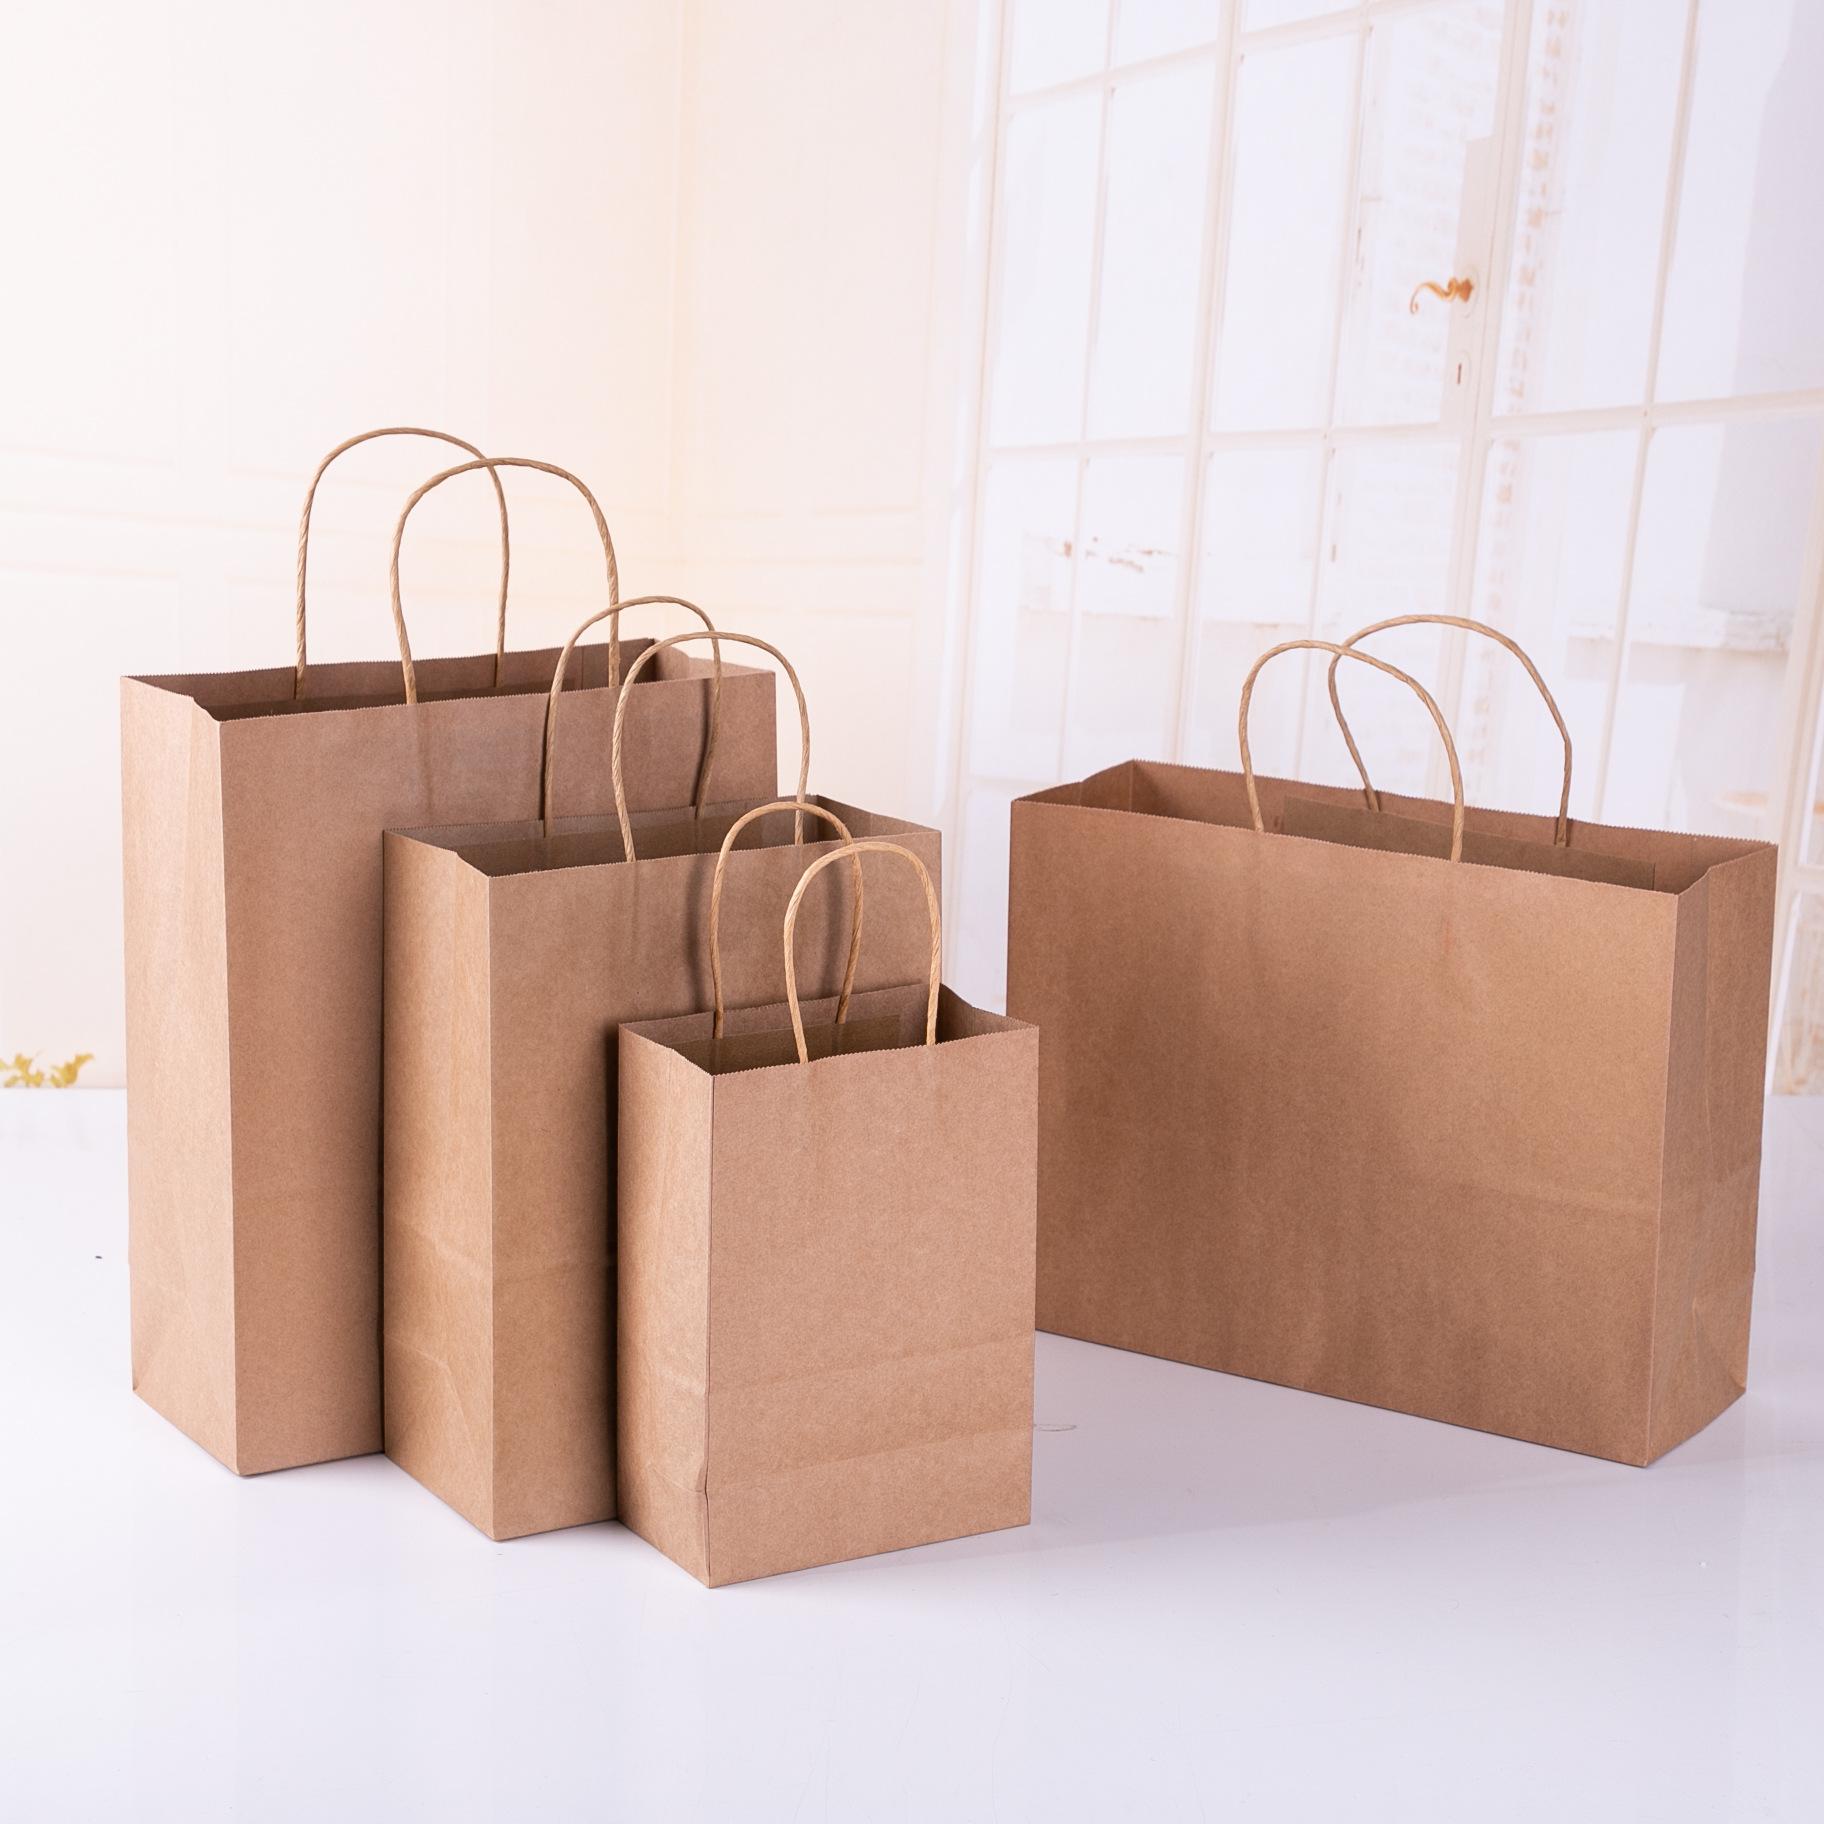 DAHONG Túi giấy Nhà sản xuất dày giấy túi xách tay tại chỗ bán buôn kẹo màu giấy kraft túi tùy chỉnh